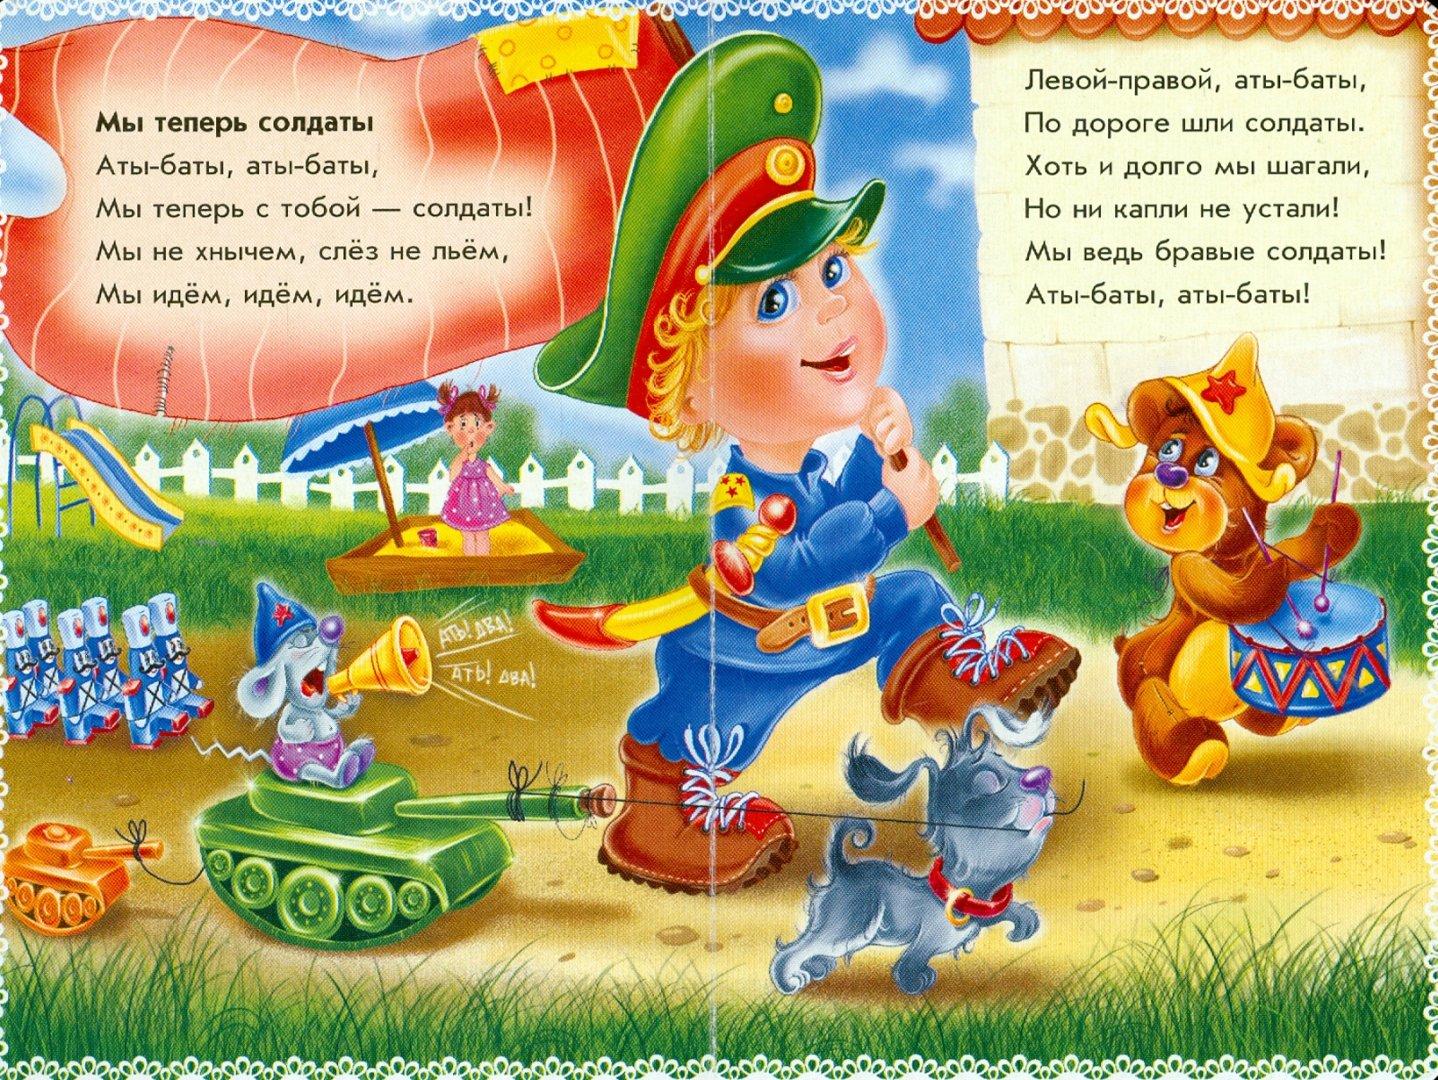 Иллюстрация 1 из 14 для Утешалочки - Ирина Солнышко | Лабиринт - книги. Источник: Лабиринт